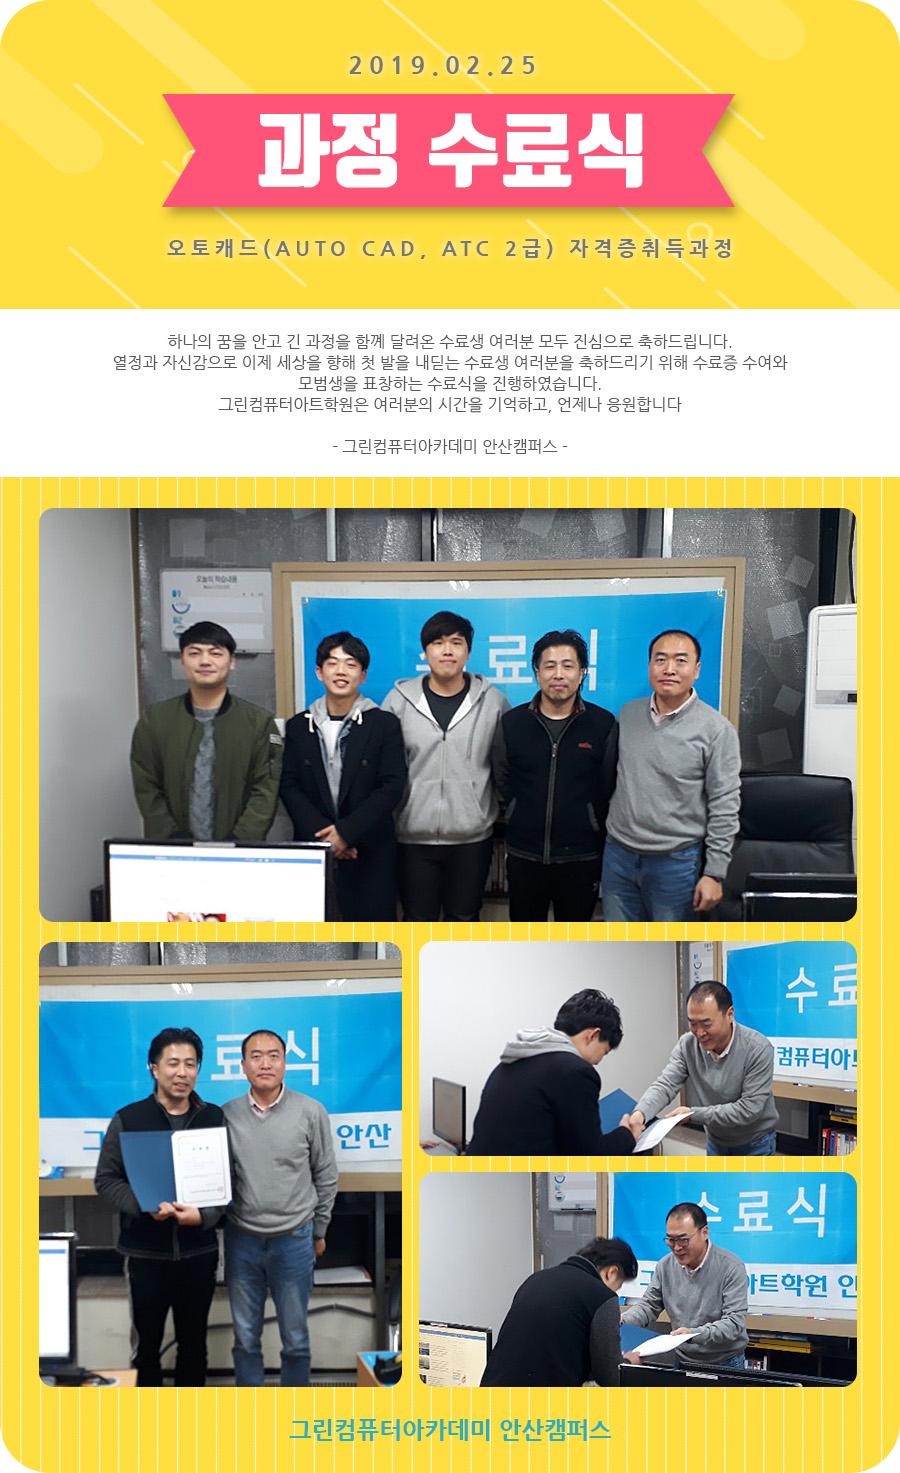 [안산캠퍼스] 2019년 2월 수료식 오토캐드(AUTO CAD, ATC 2급) 자격증취득과정